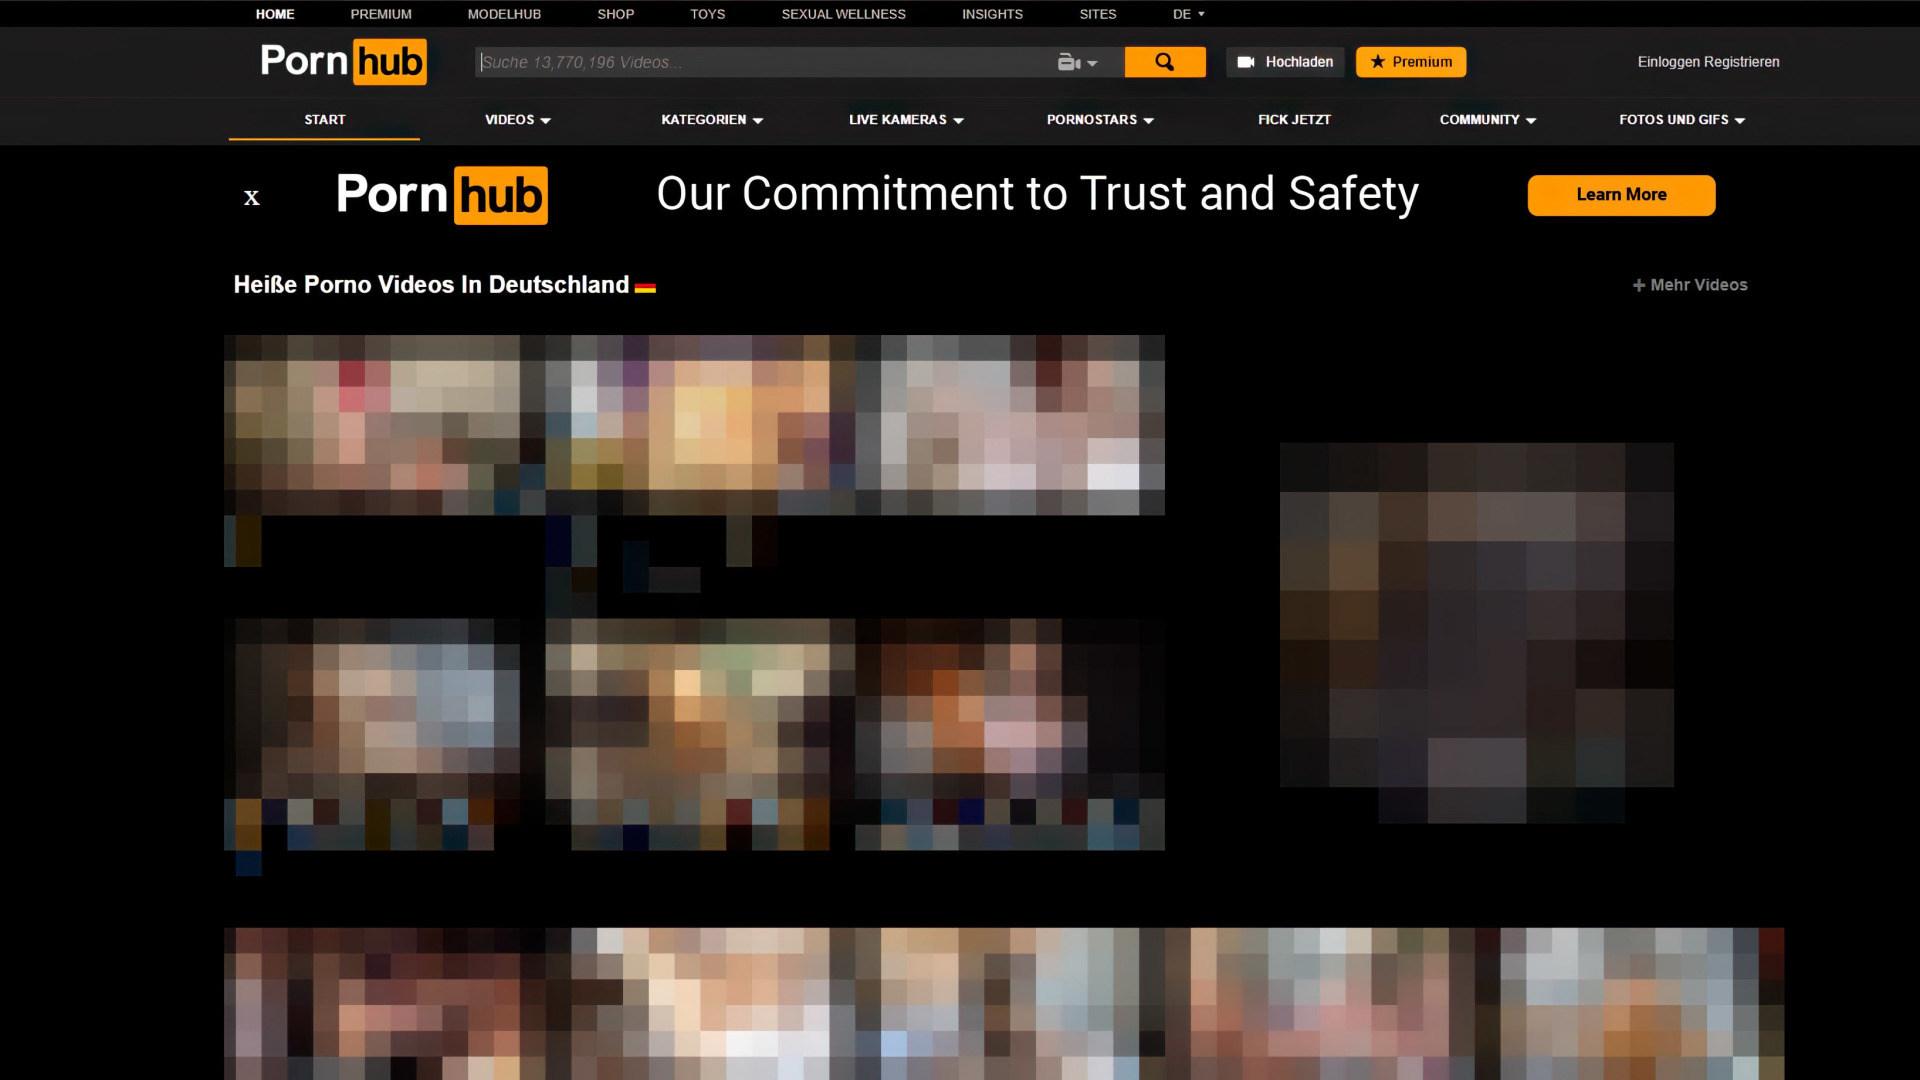 Porno, Pornographie, pornhub